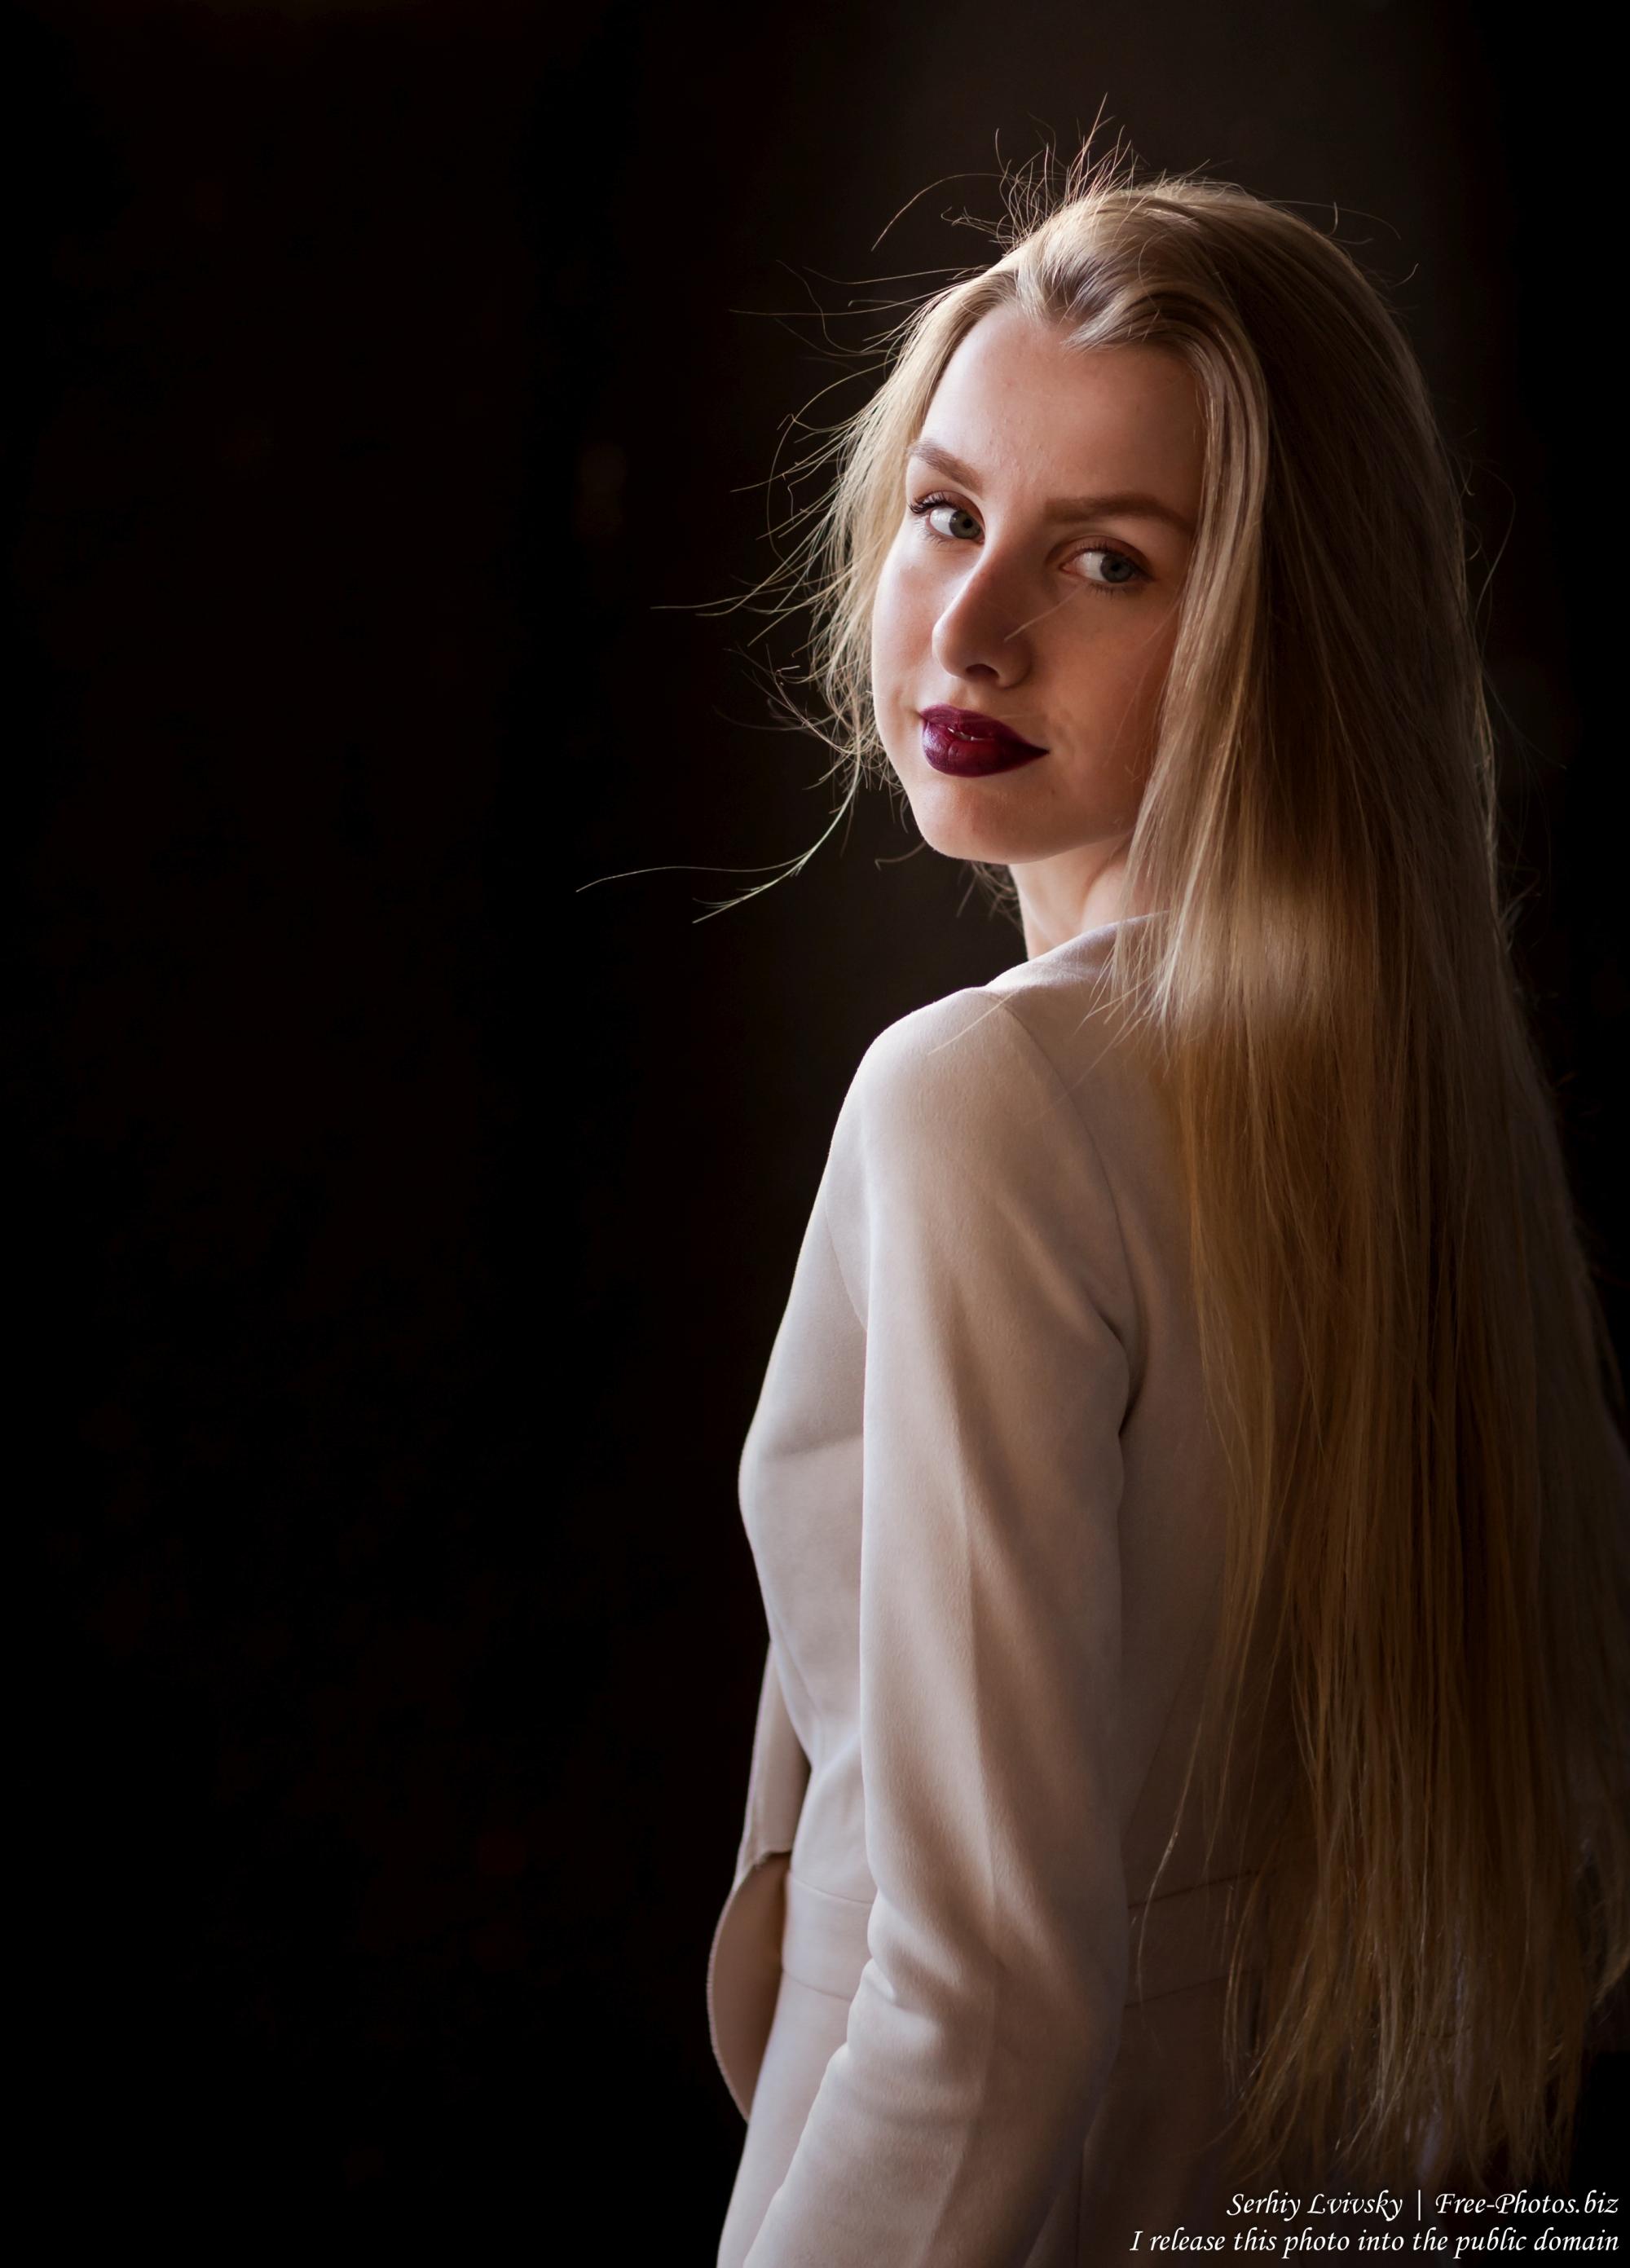 Lila by Serhiy Lvivsky